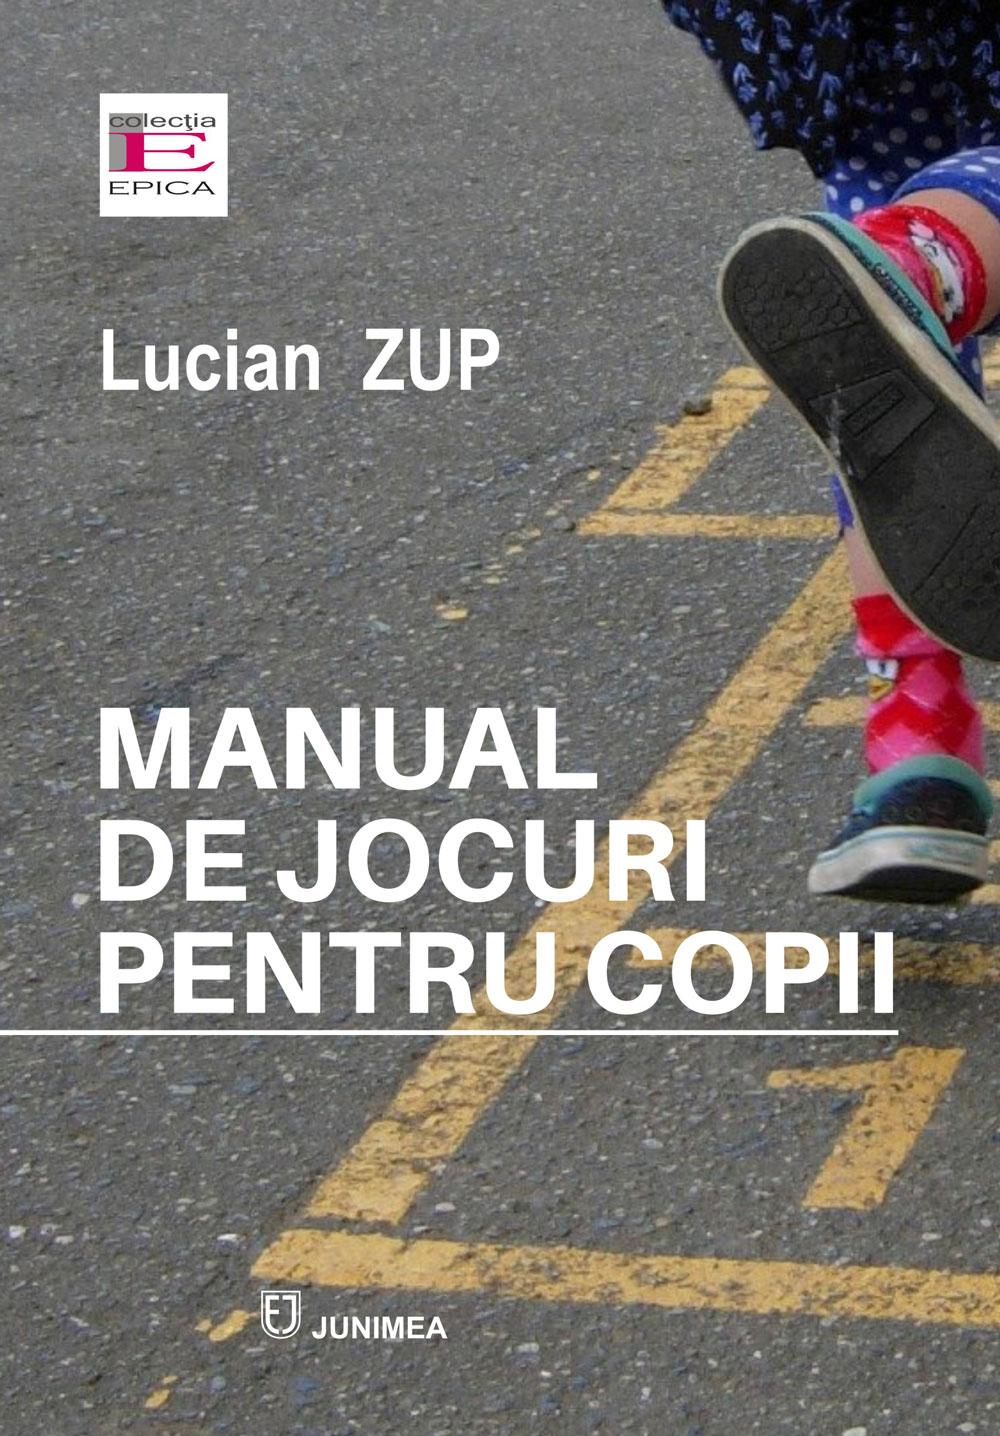 Manual de jocuri pentru copii | Lucian Zup